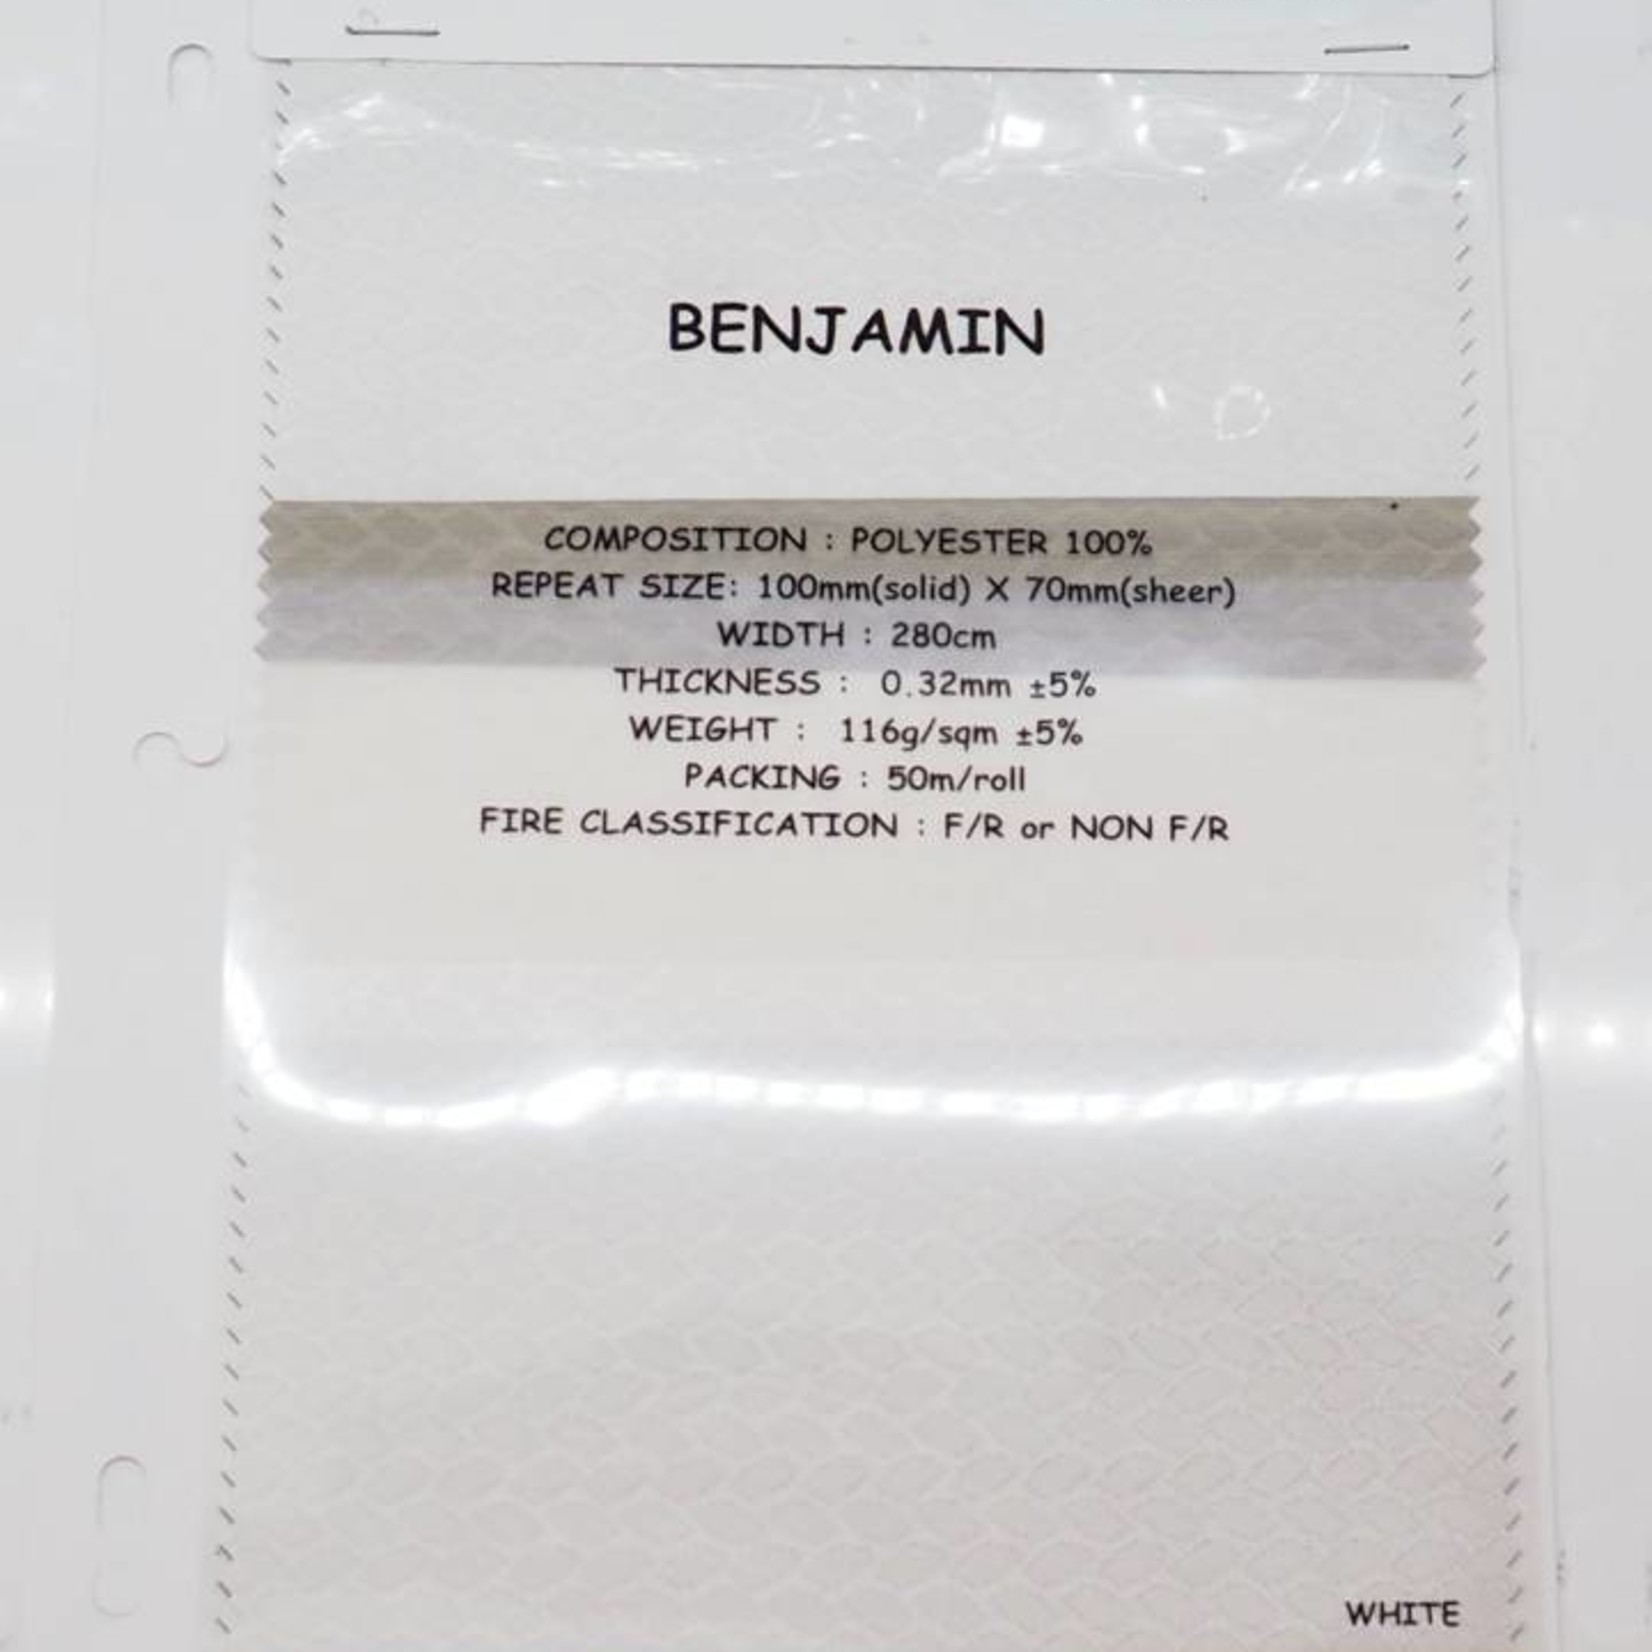 Trendy Blinds Combi Benjamin